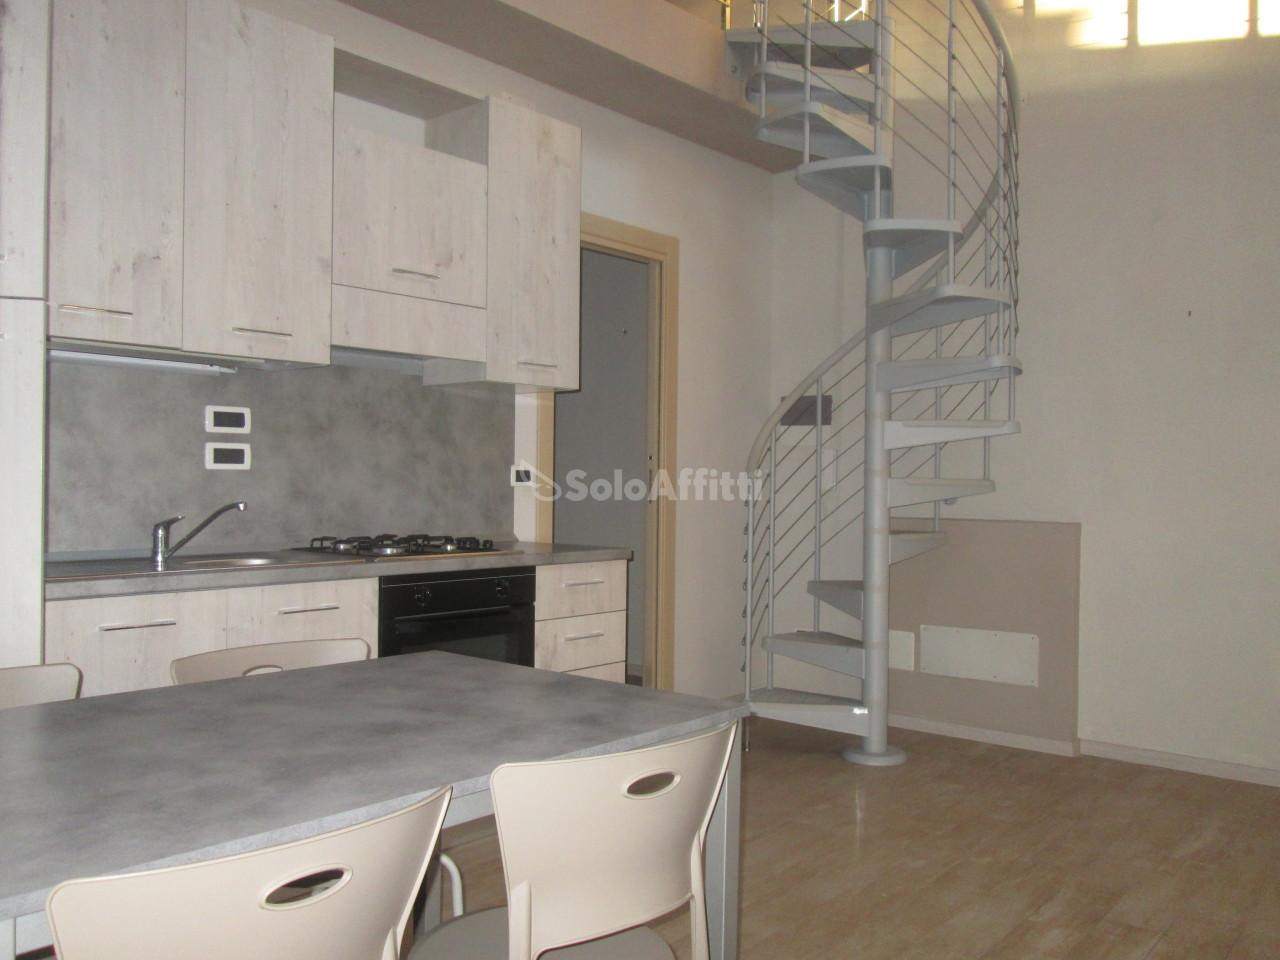 Foto 1 di Appartamento Via Giuseppe Garibaldi 15, Borgo San Dalmazzo